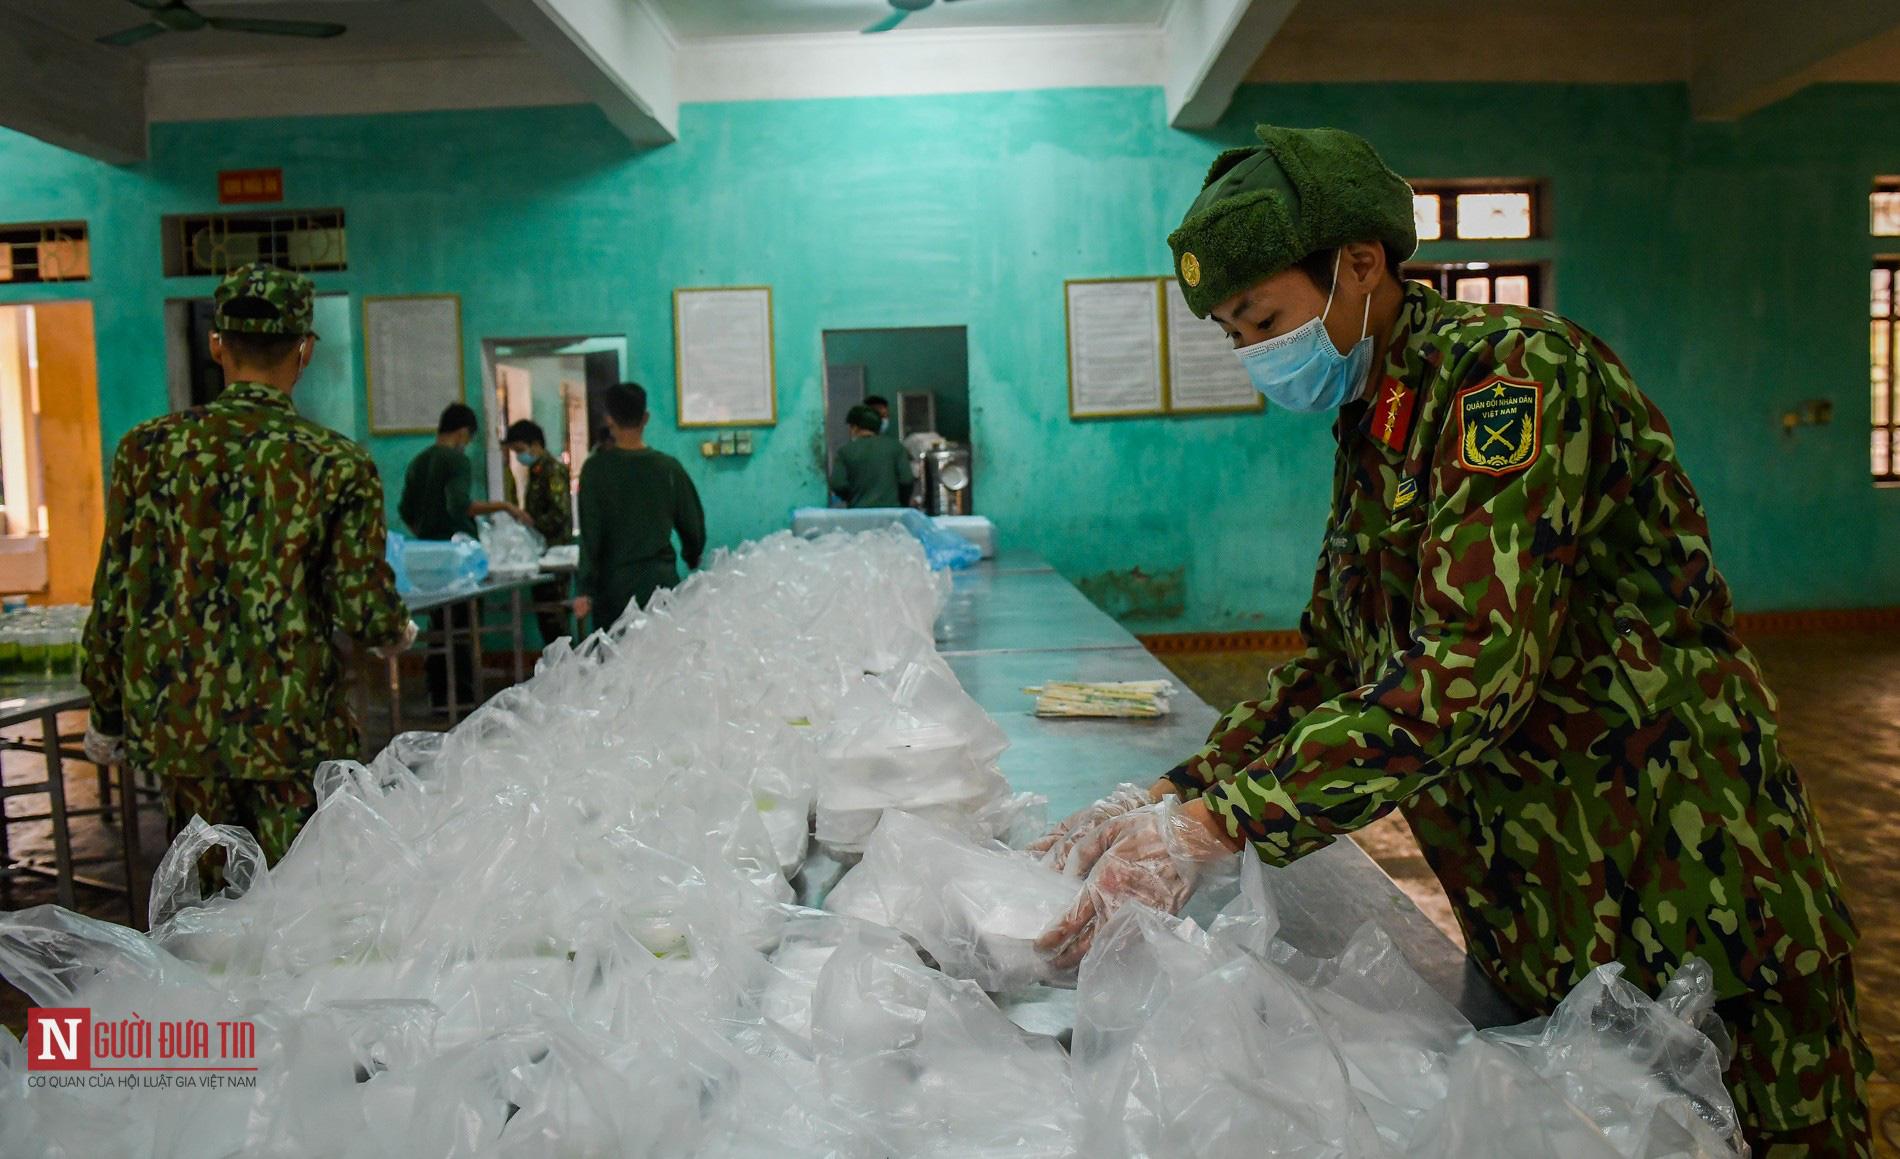 Lạng Sơn: Nhộn nhịp căn bếp ấm tình quân dân tại trại cách ly - Ảnh 13.